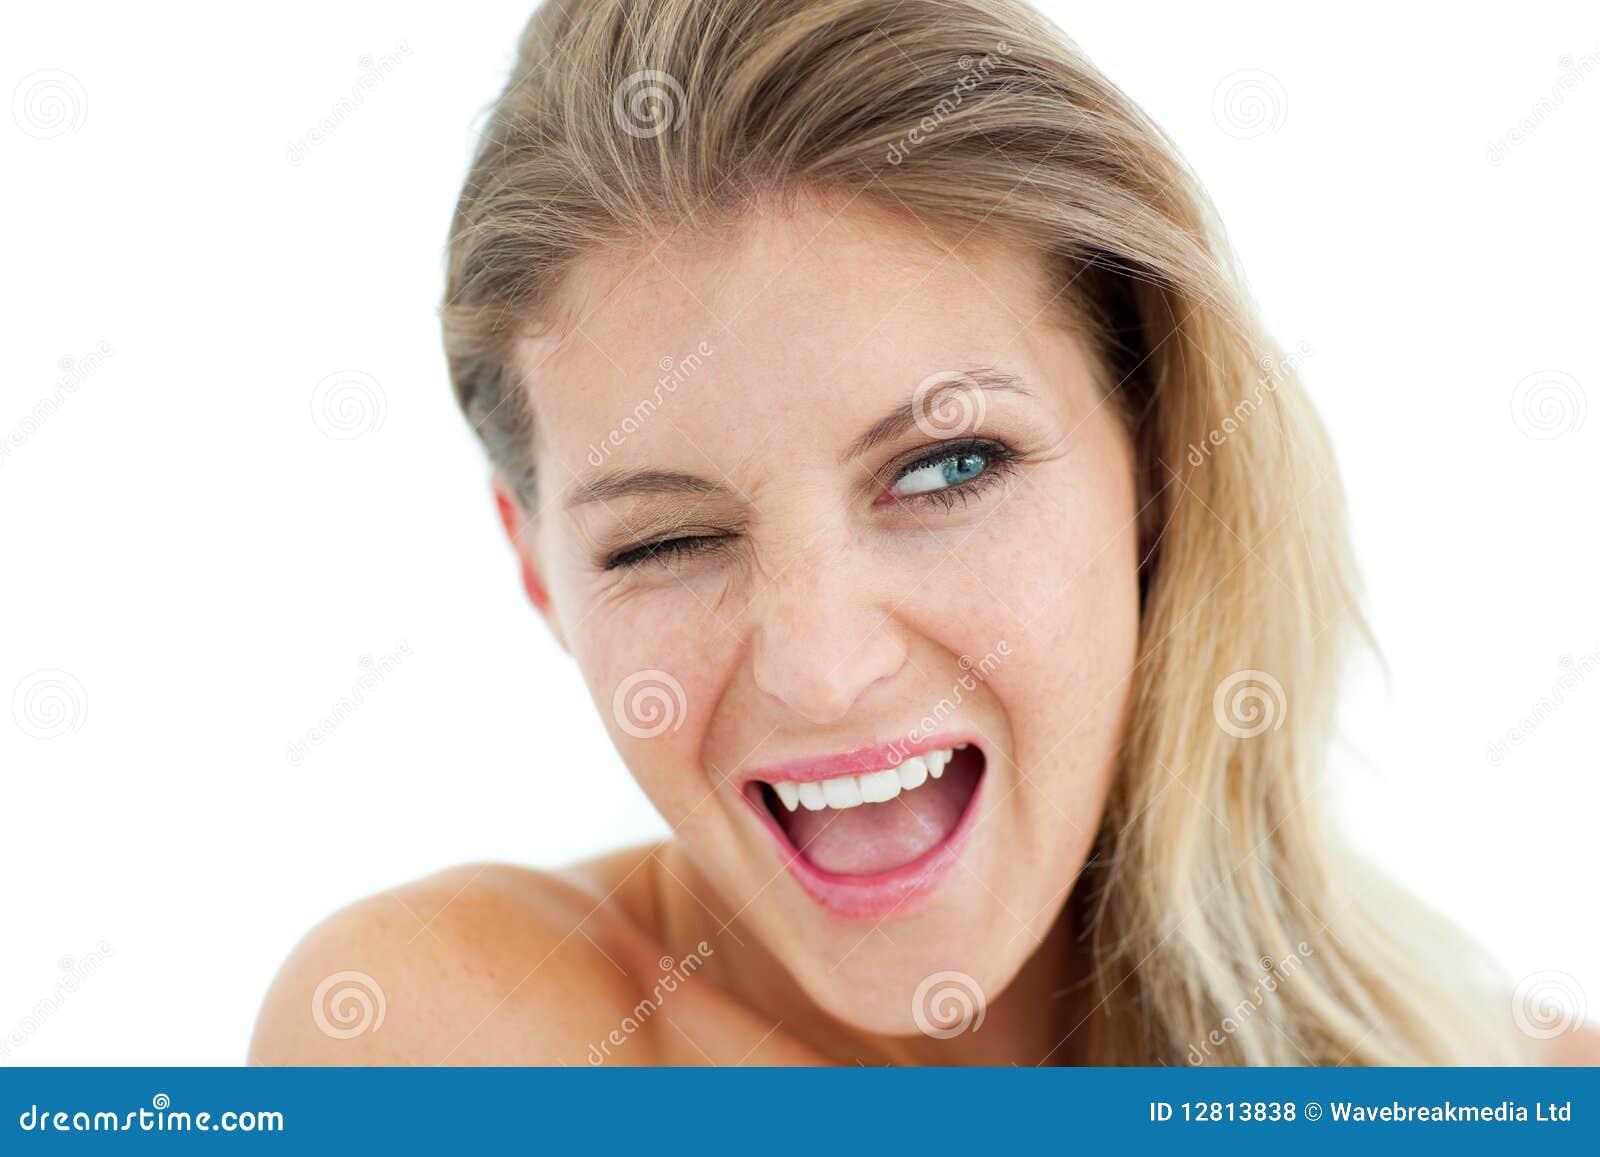 Pisc alegre da mulher